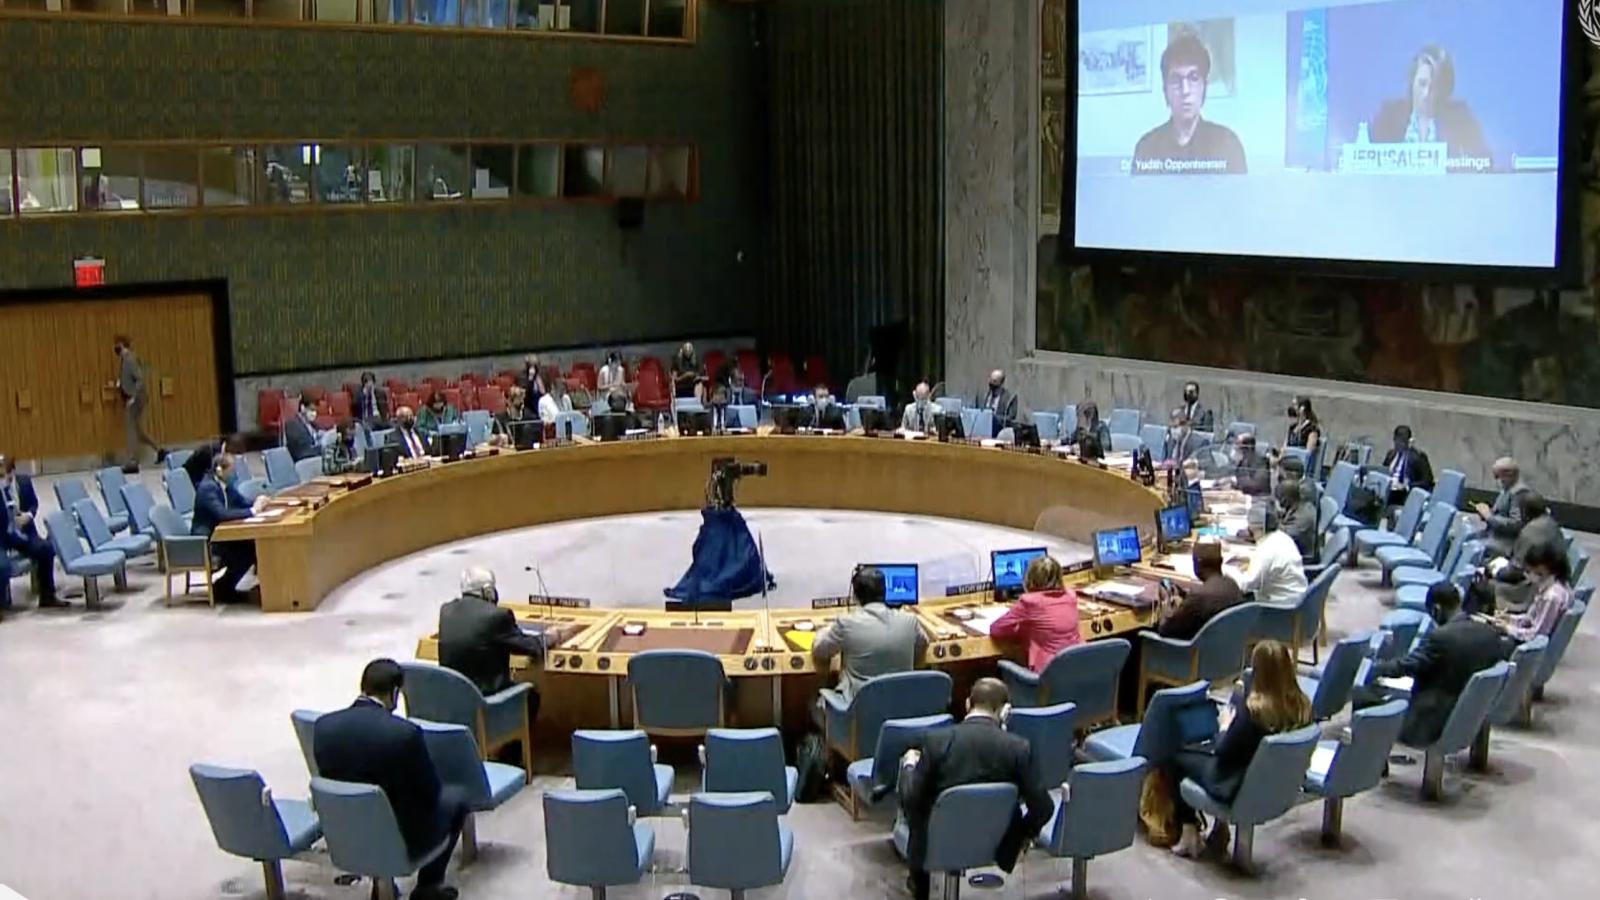 Hội đồng Bảo an Liên Hợp Quốc nhóm họp về tình hình Trung Đông